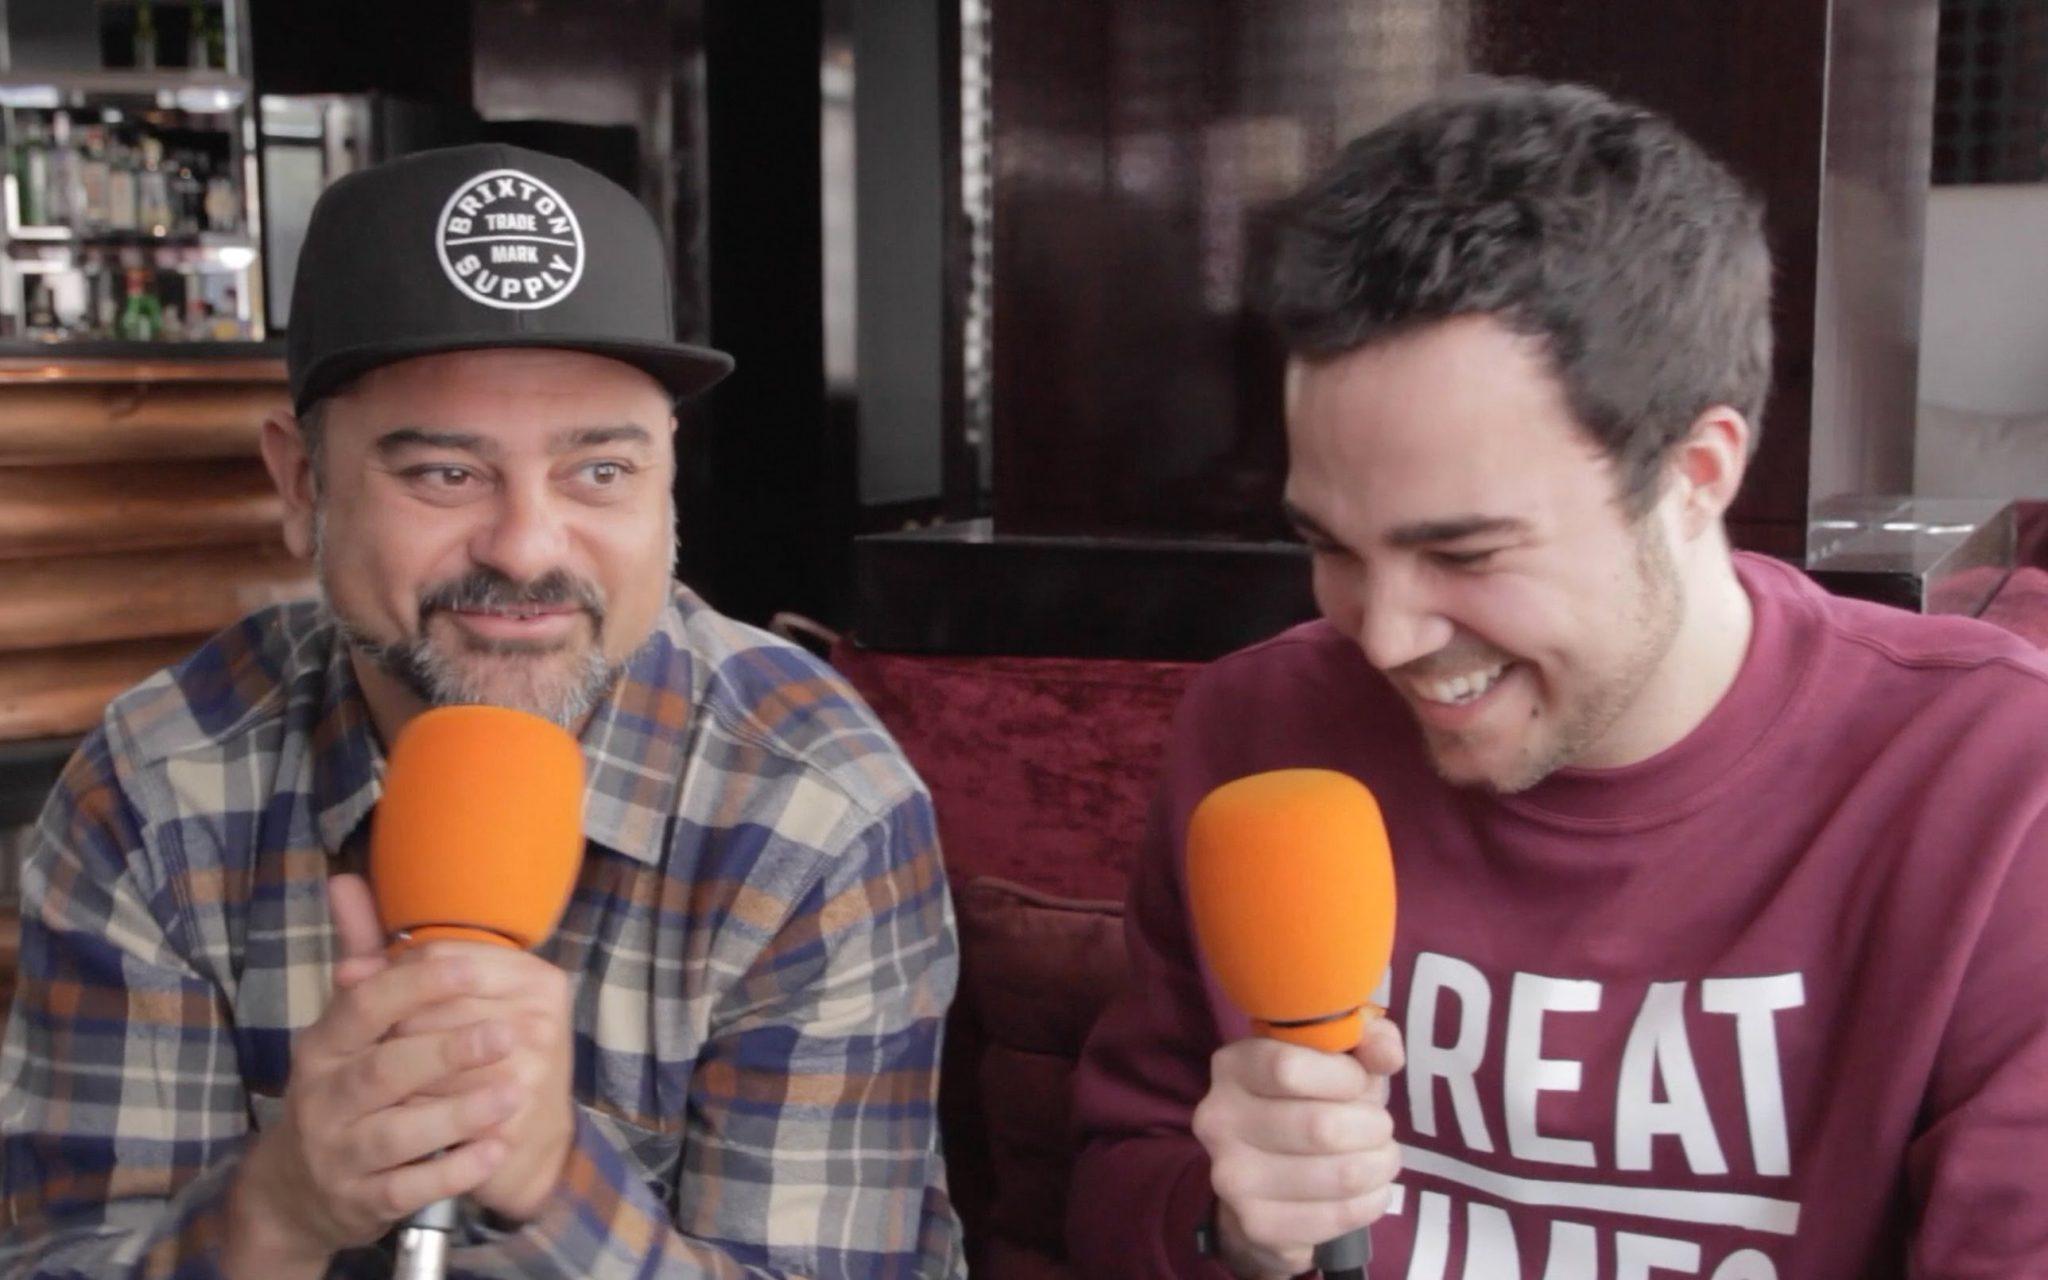 Nach – Entrevista por The Other Face